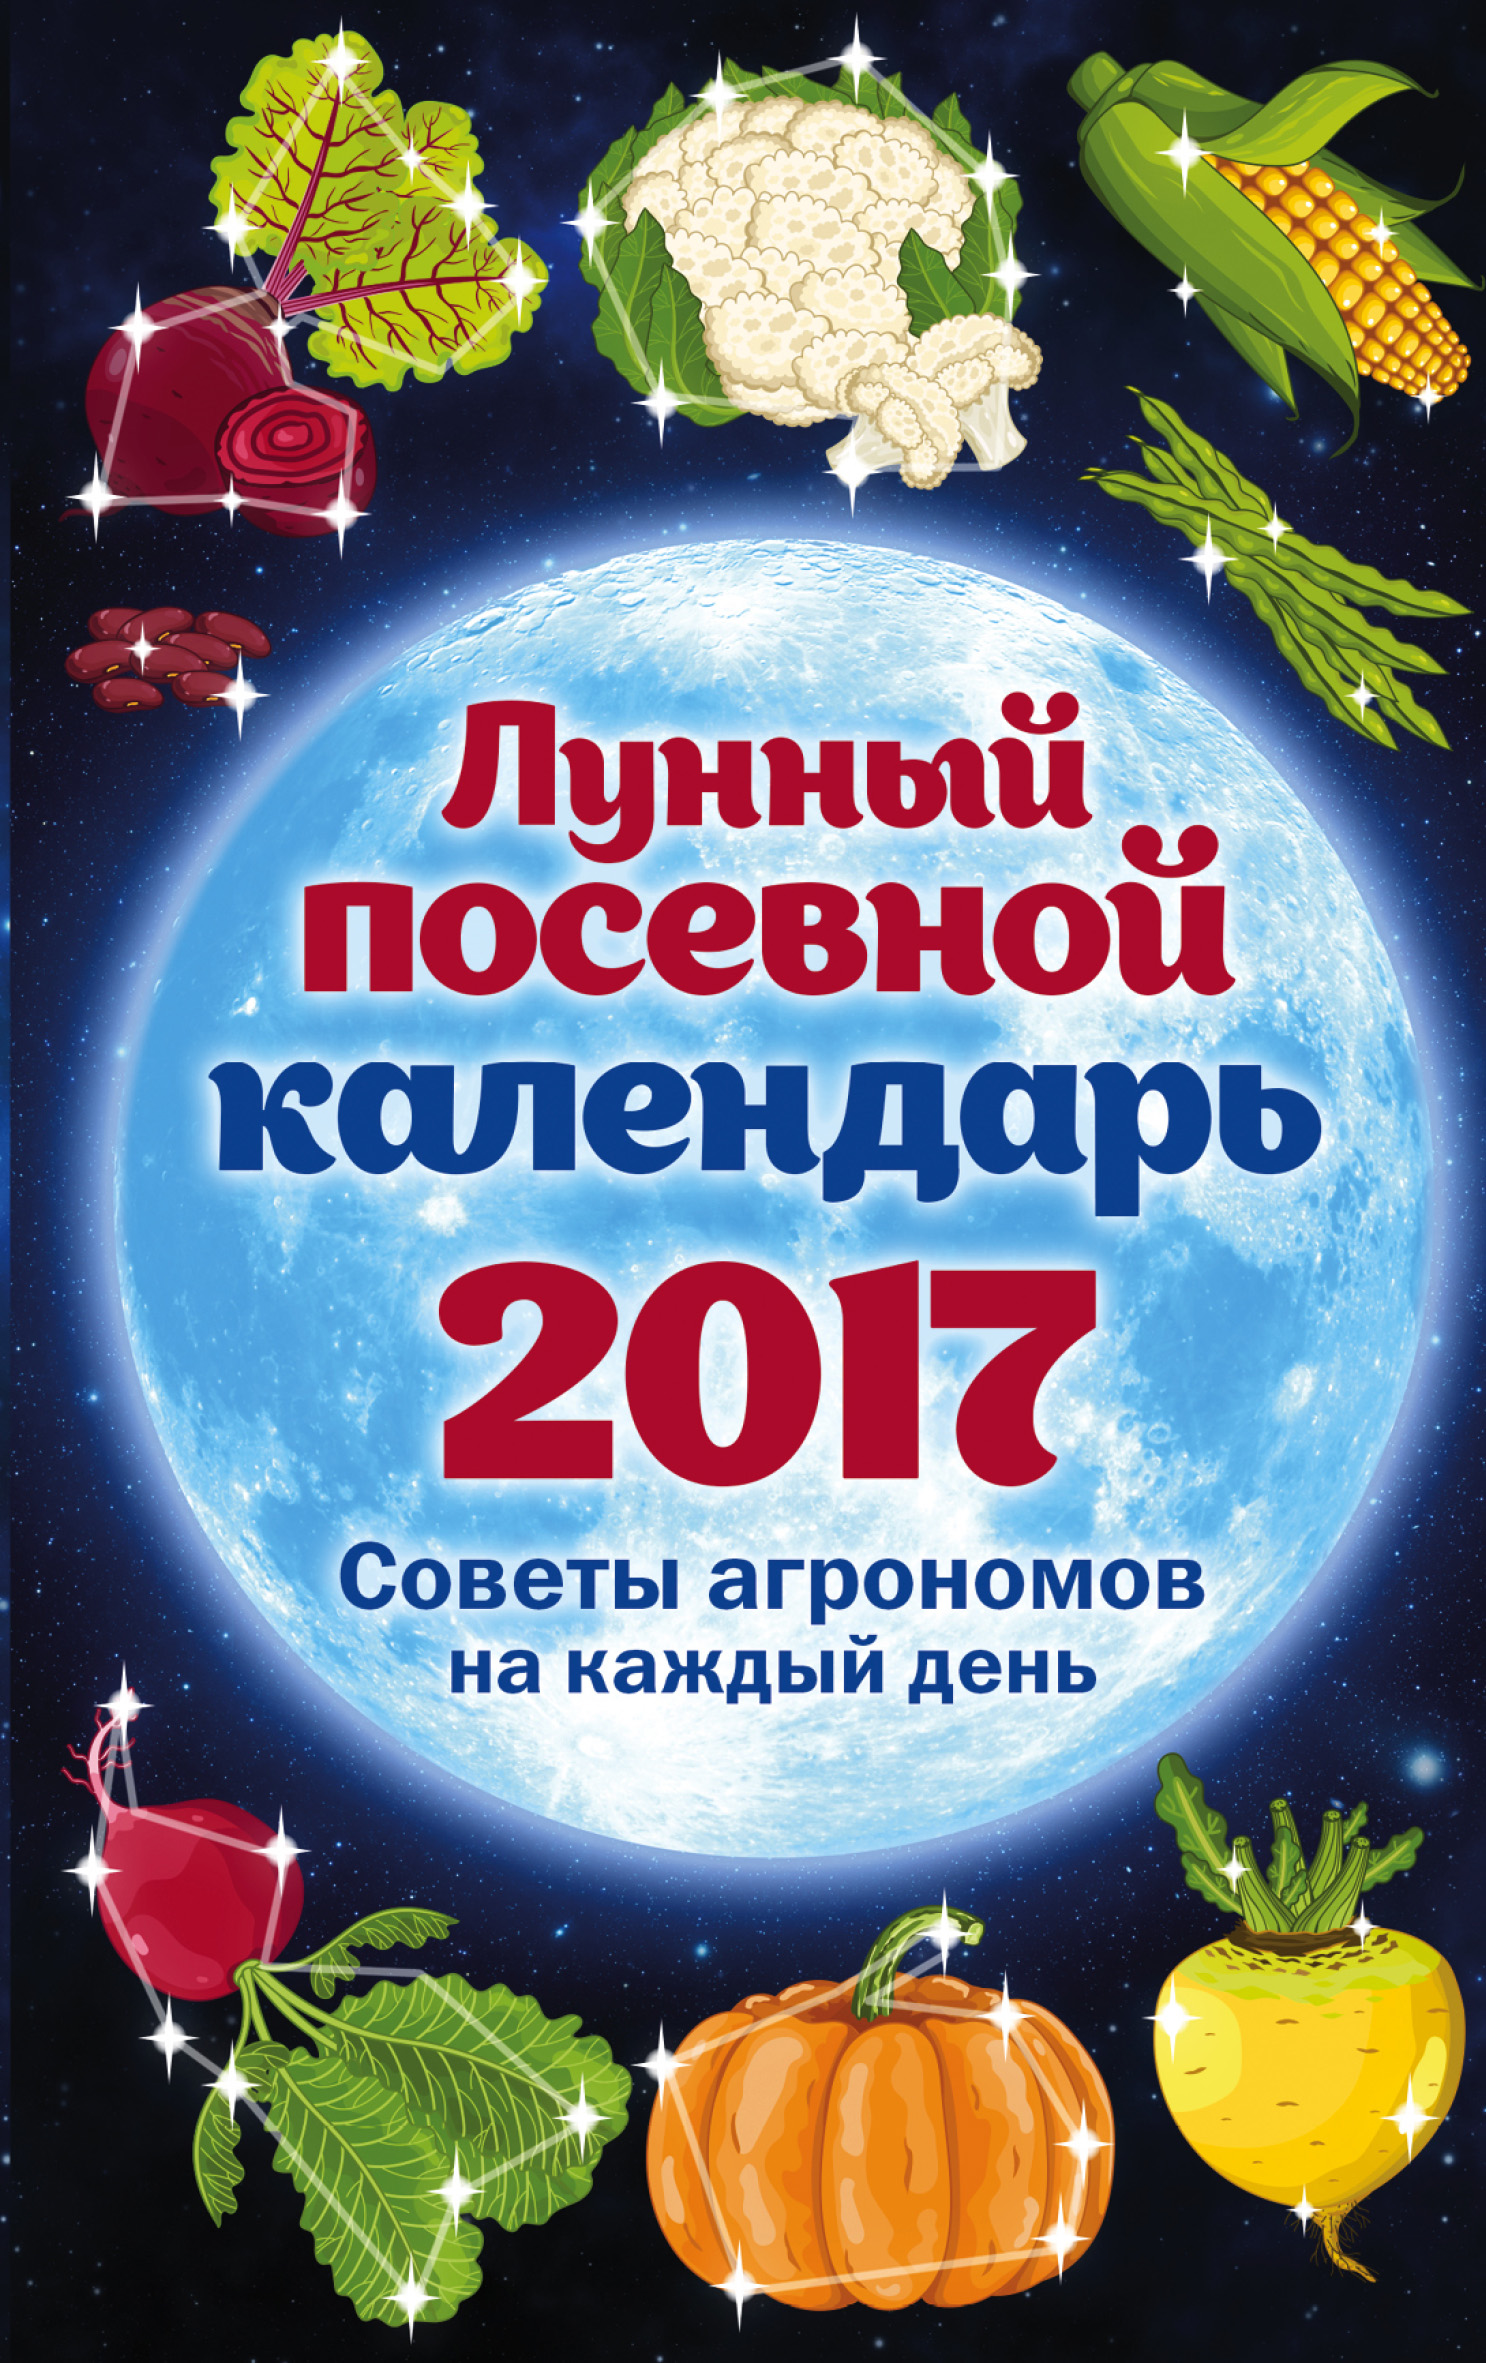 Анна Ерофеева Лунный посевной календарь, 2017: советы агрономов на каждый день малахов г лунный календарь здоровья 2019 год советы на каждый день